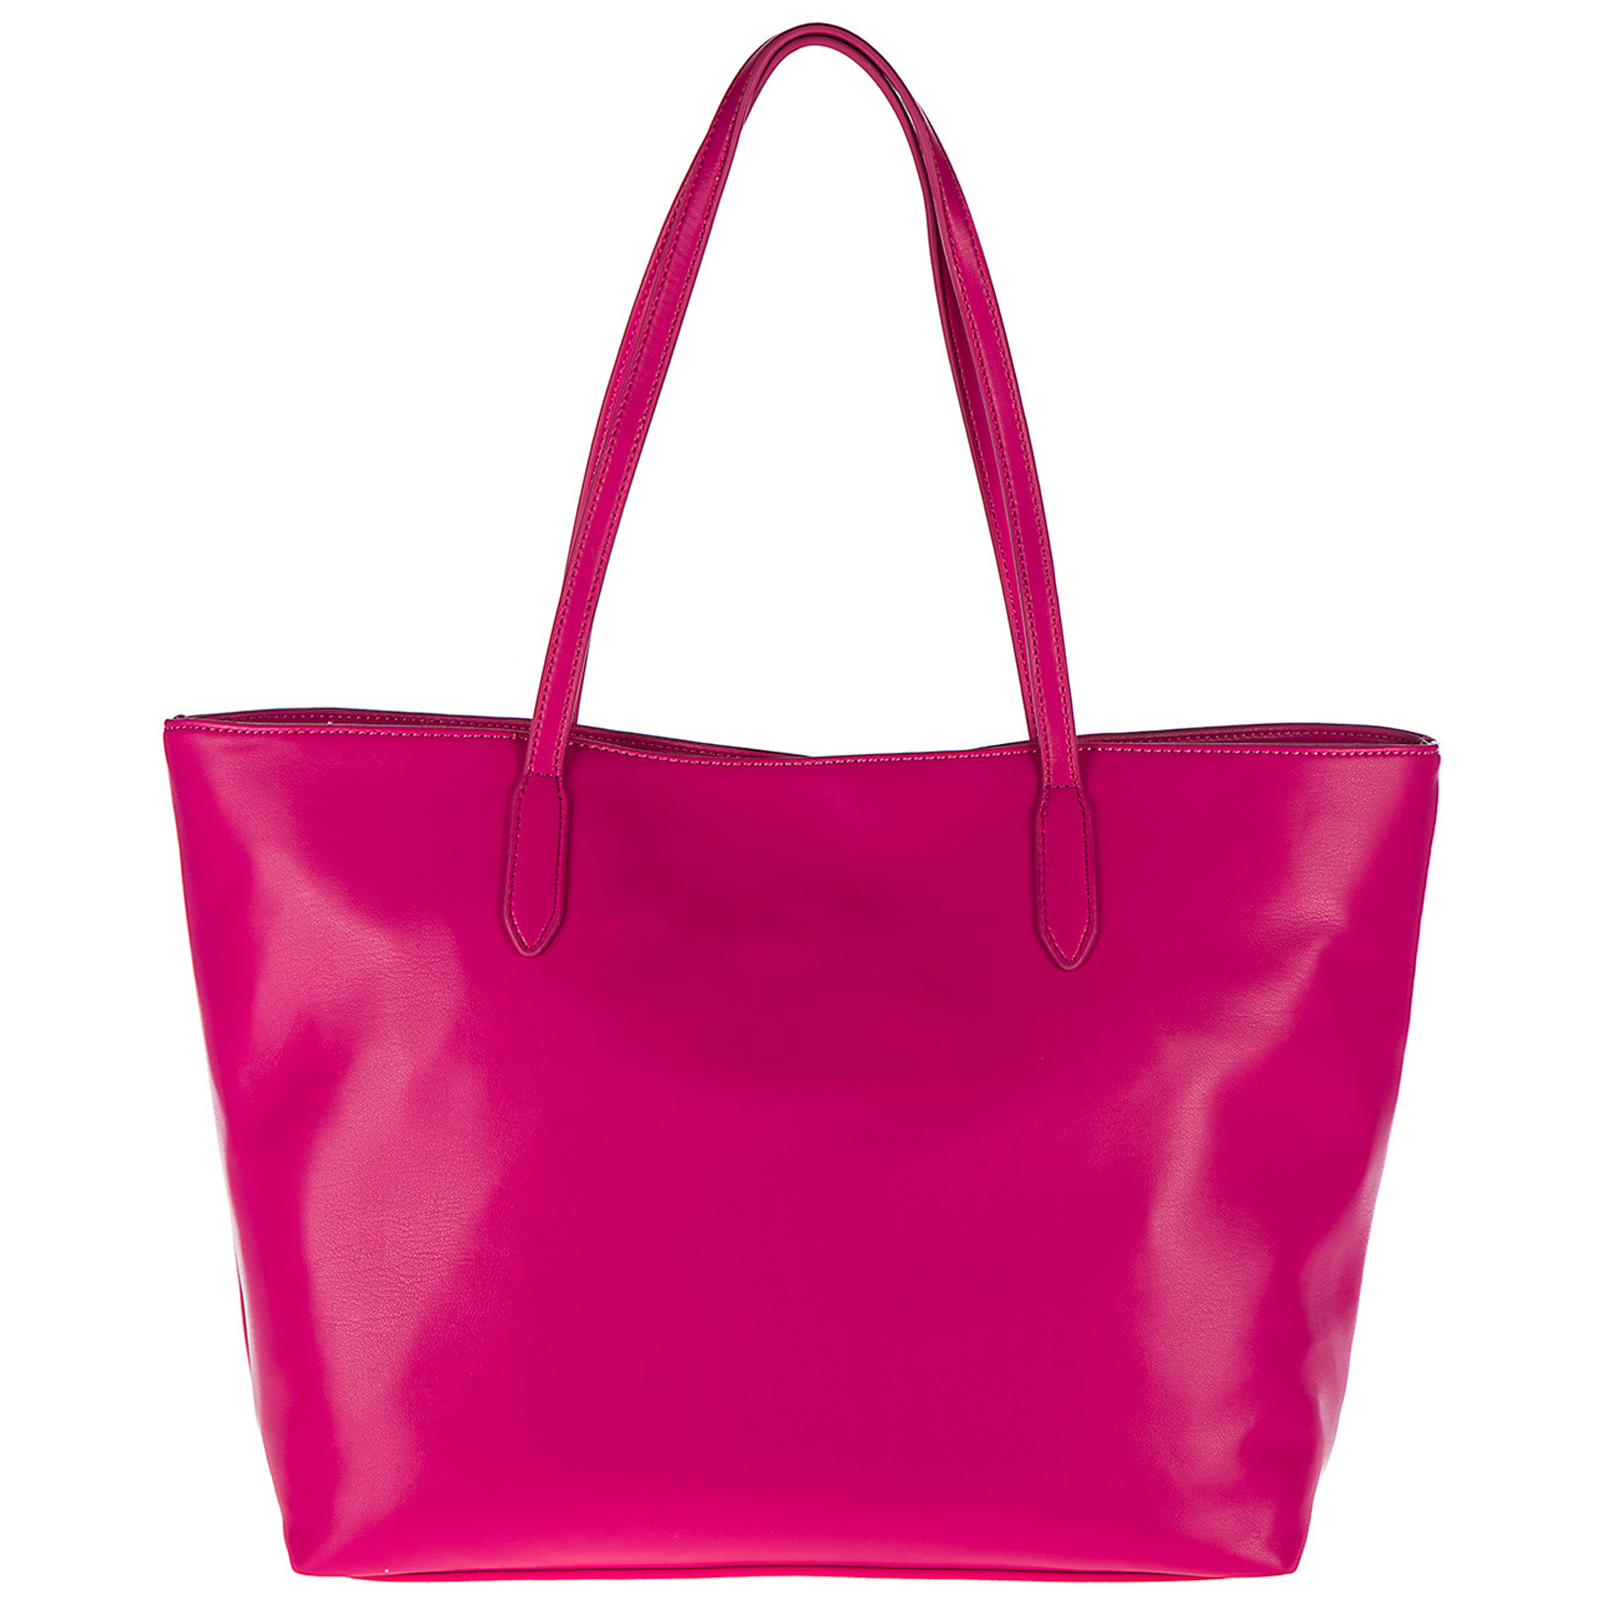 Borsa donna a spalla shopping Borsa donna a spalla shopping ... 235f235c3e7